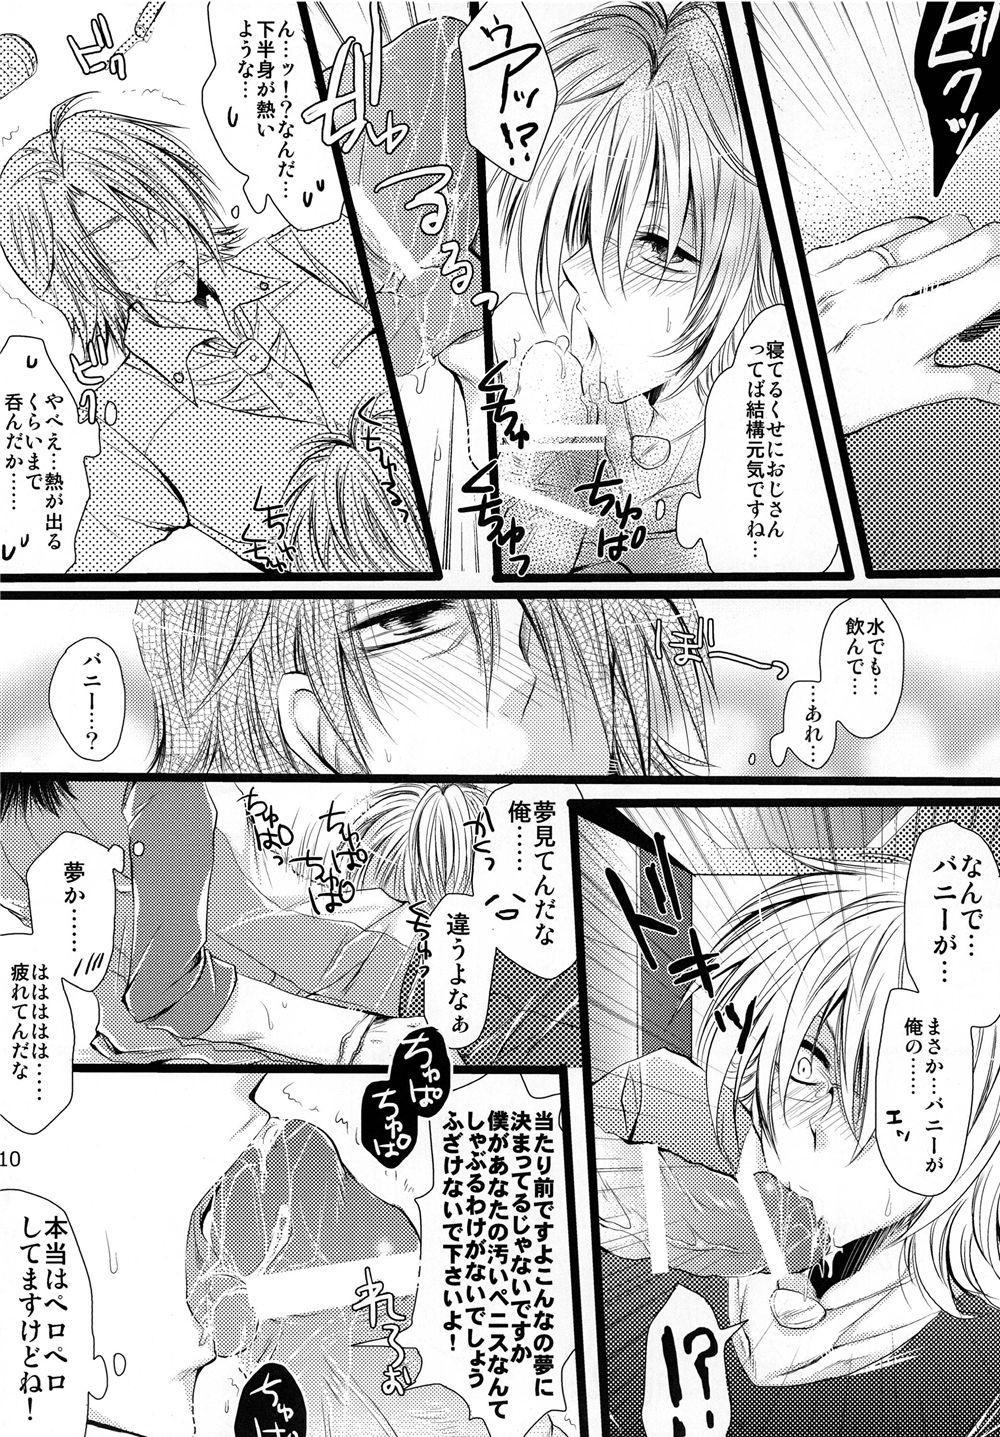 Saa, Boku to Ochimashi Yora 9